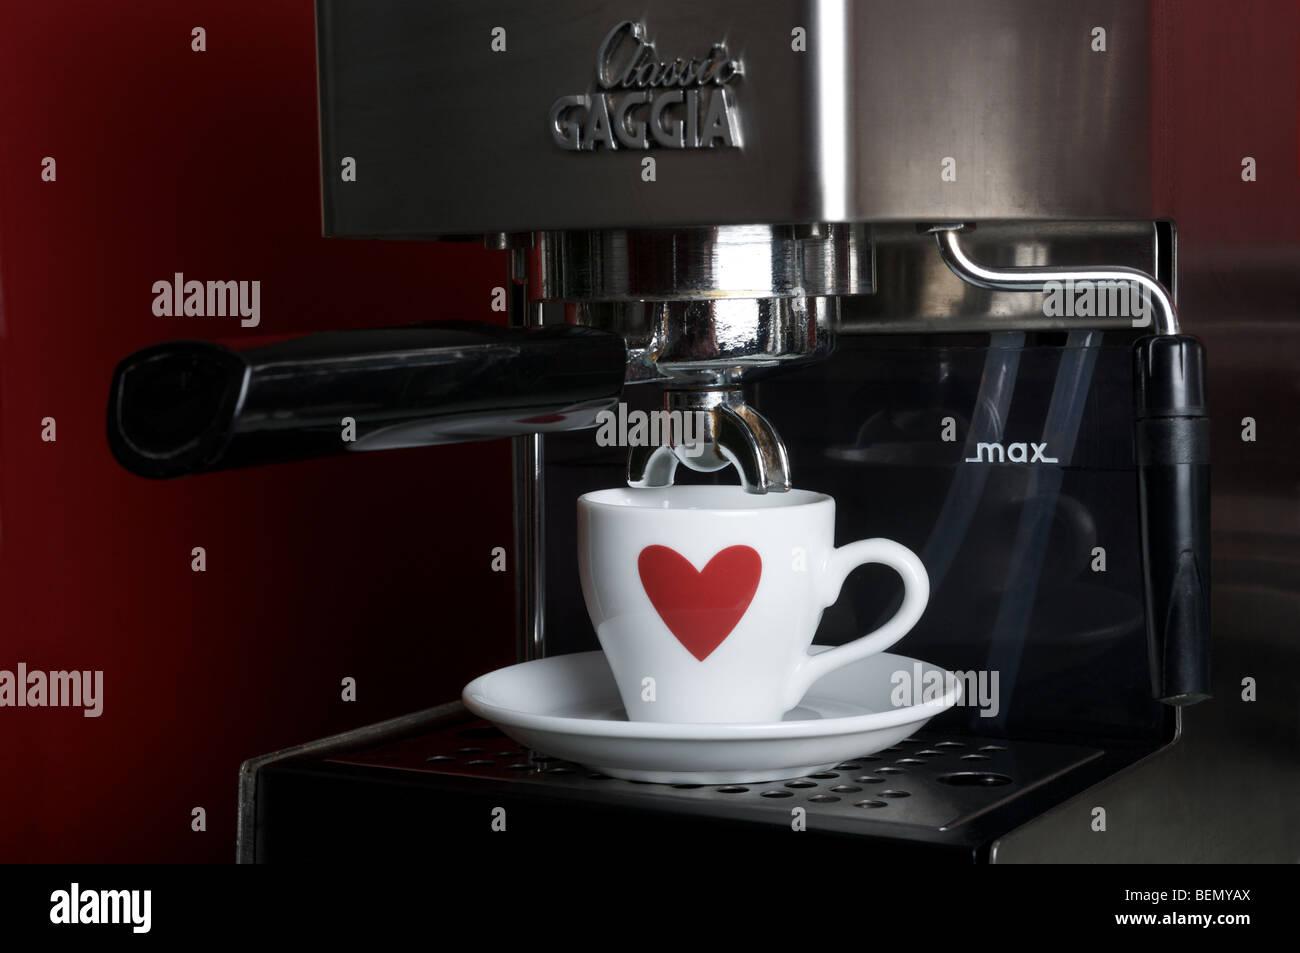 Gaggia Coffee Machine Stock Photos Gaggia Coffee Machine Stock